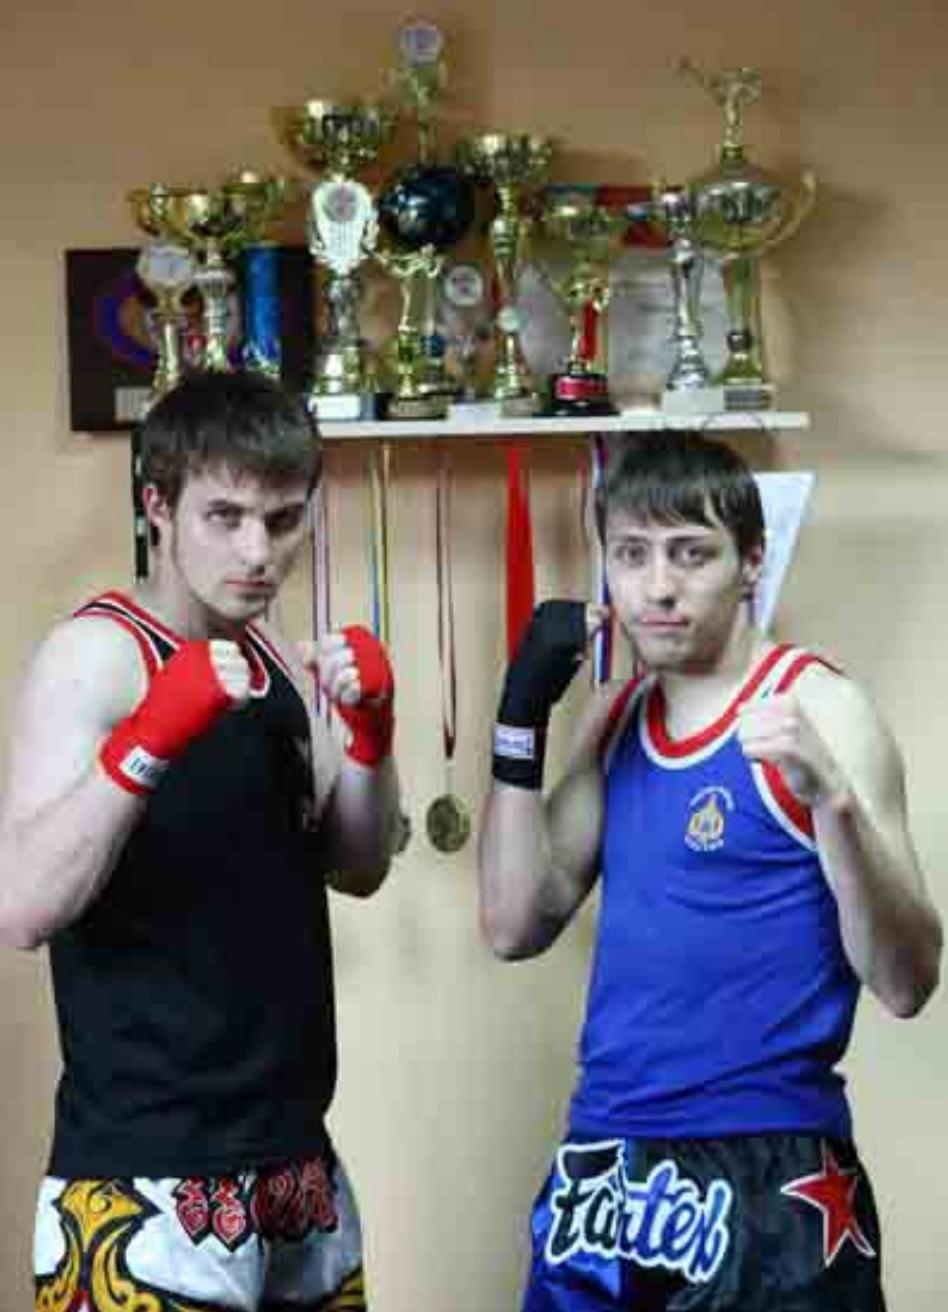 Фото с чемпионом мира по тайскому боксу Русланом Бердыевым